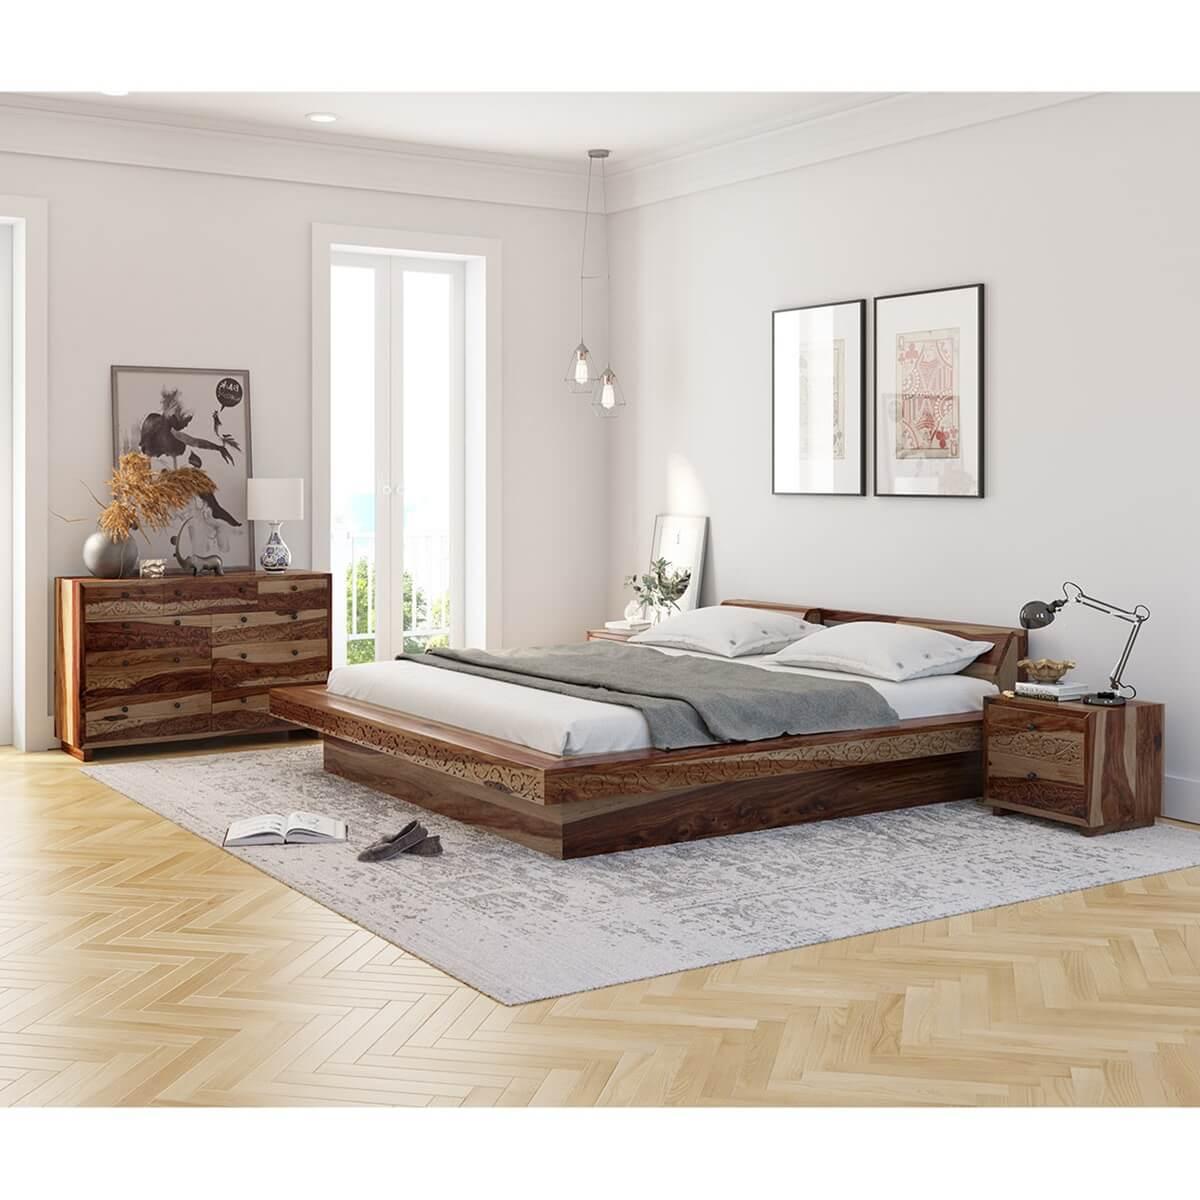 Dallas Ranch 4 Piece Bedroom Set